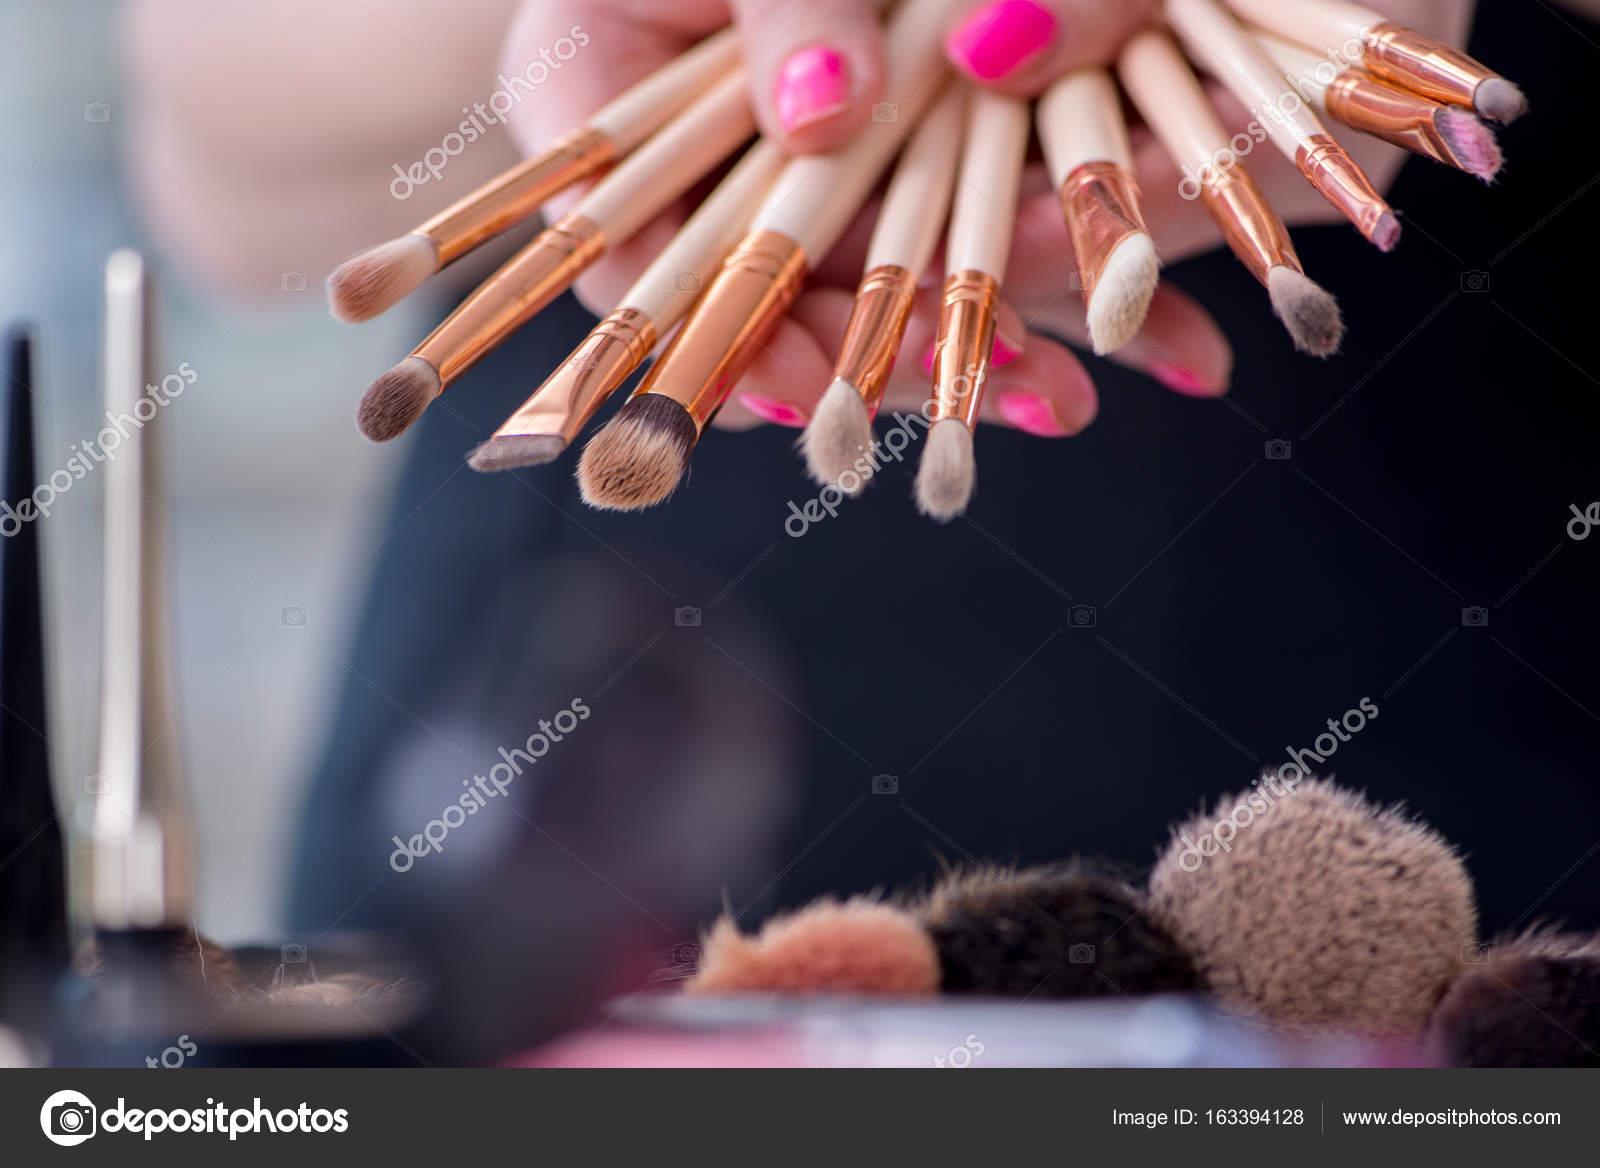 Sammlung von Make-up-Produkten, die in der Tabelle angezeigt ...